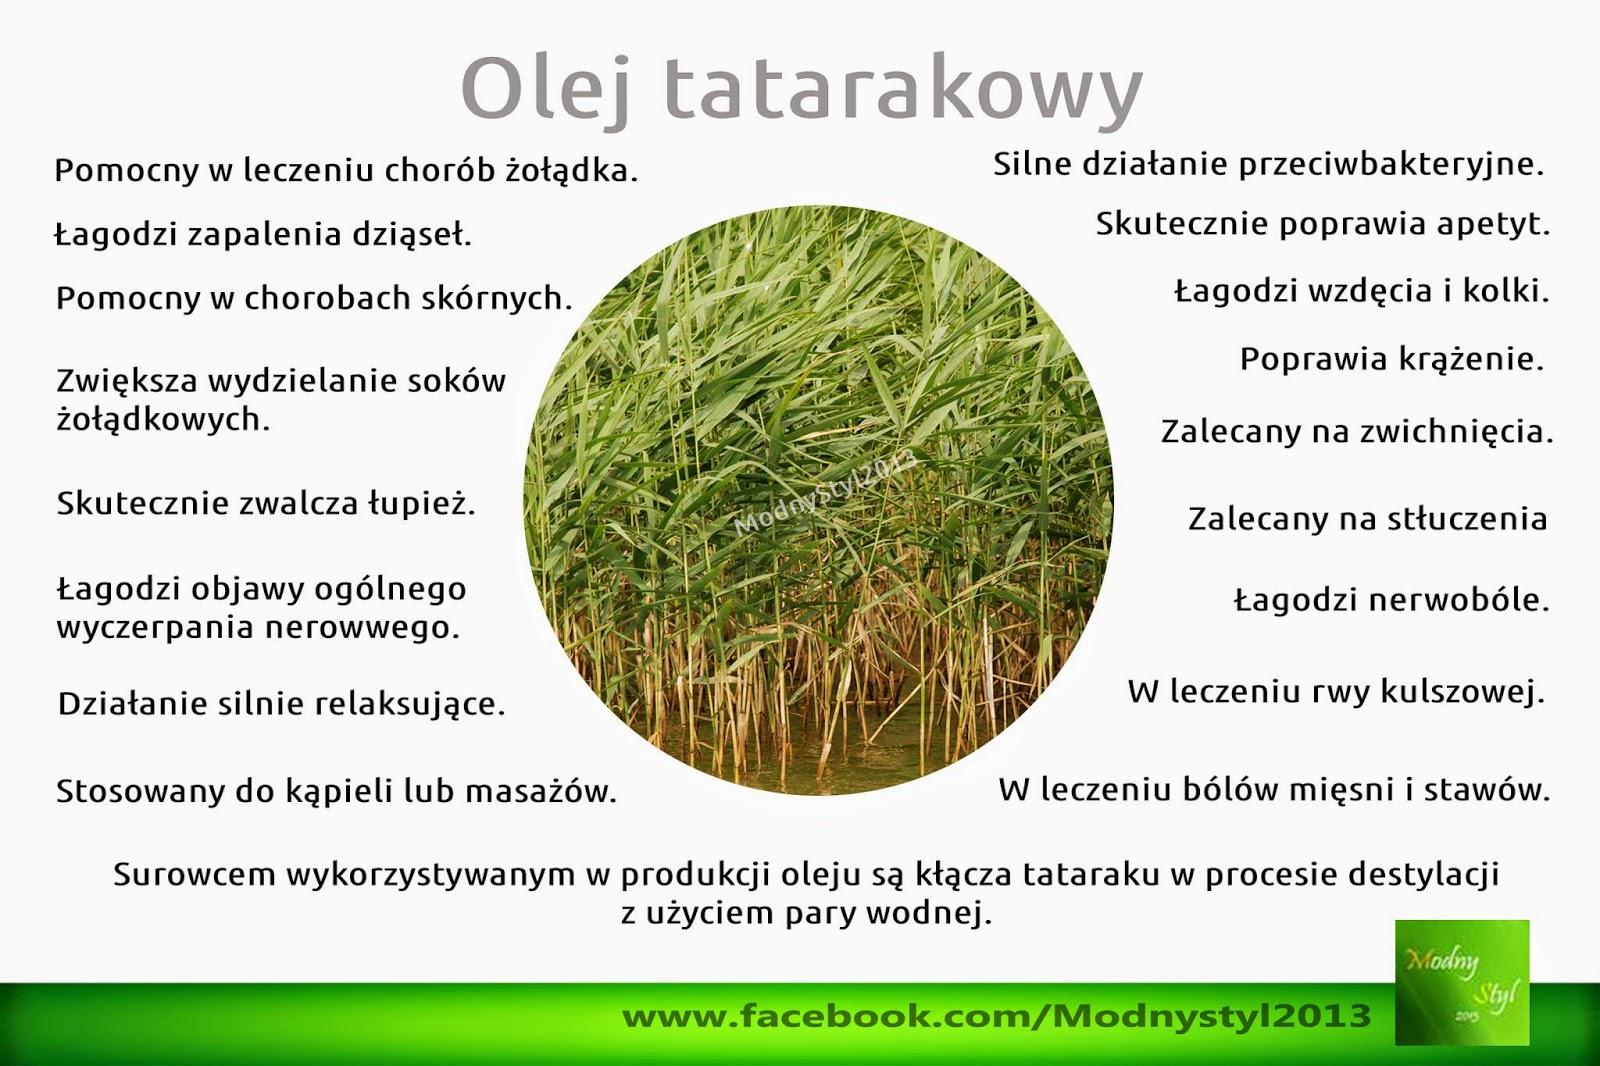 Olej tatarakowy